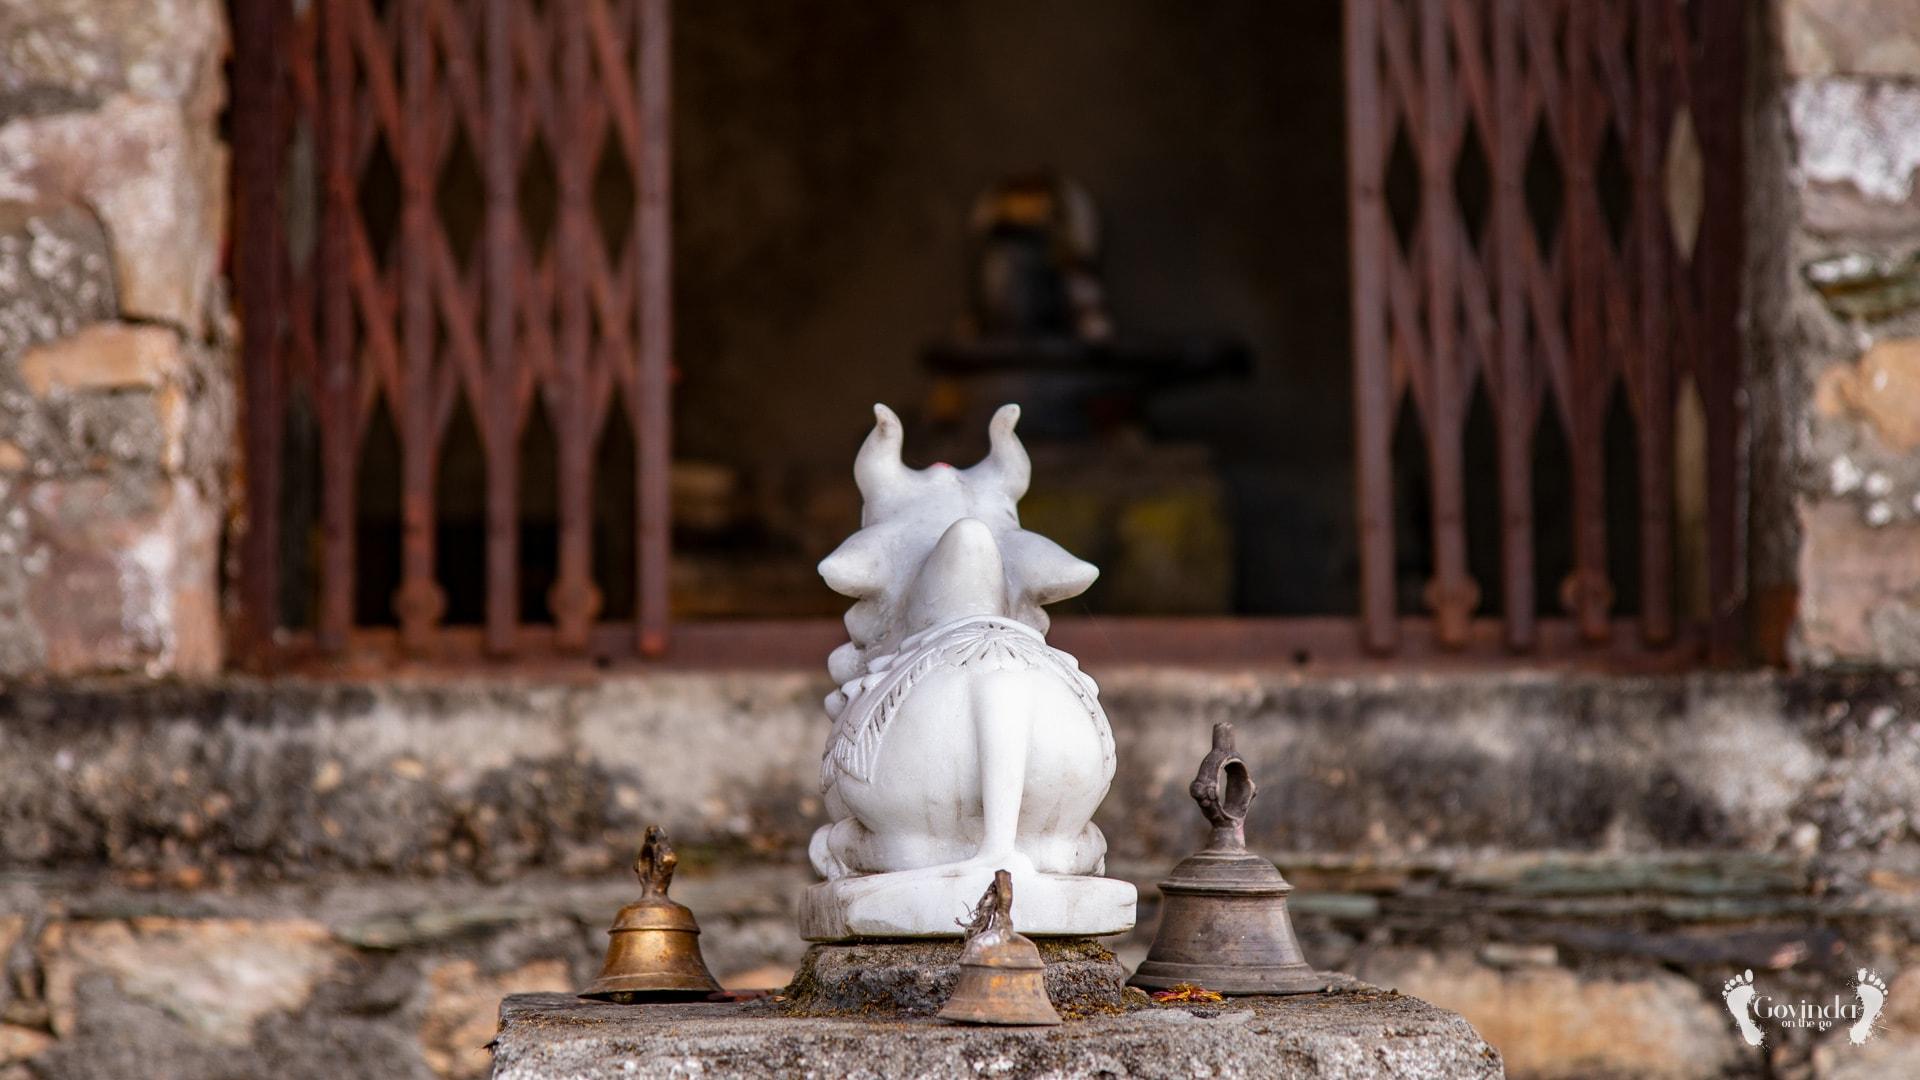 Nandi looking at Lord Shiva in Ma Sukhadevi Mandir